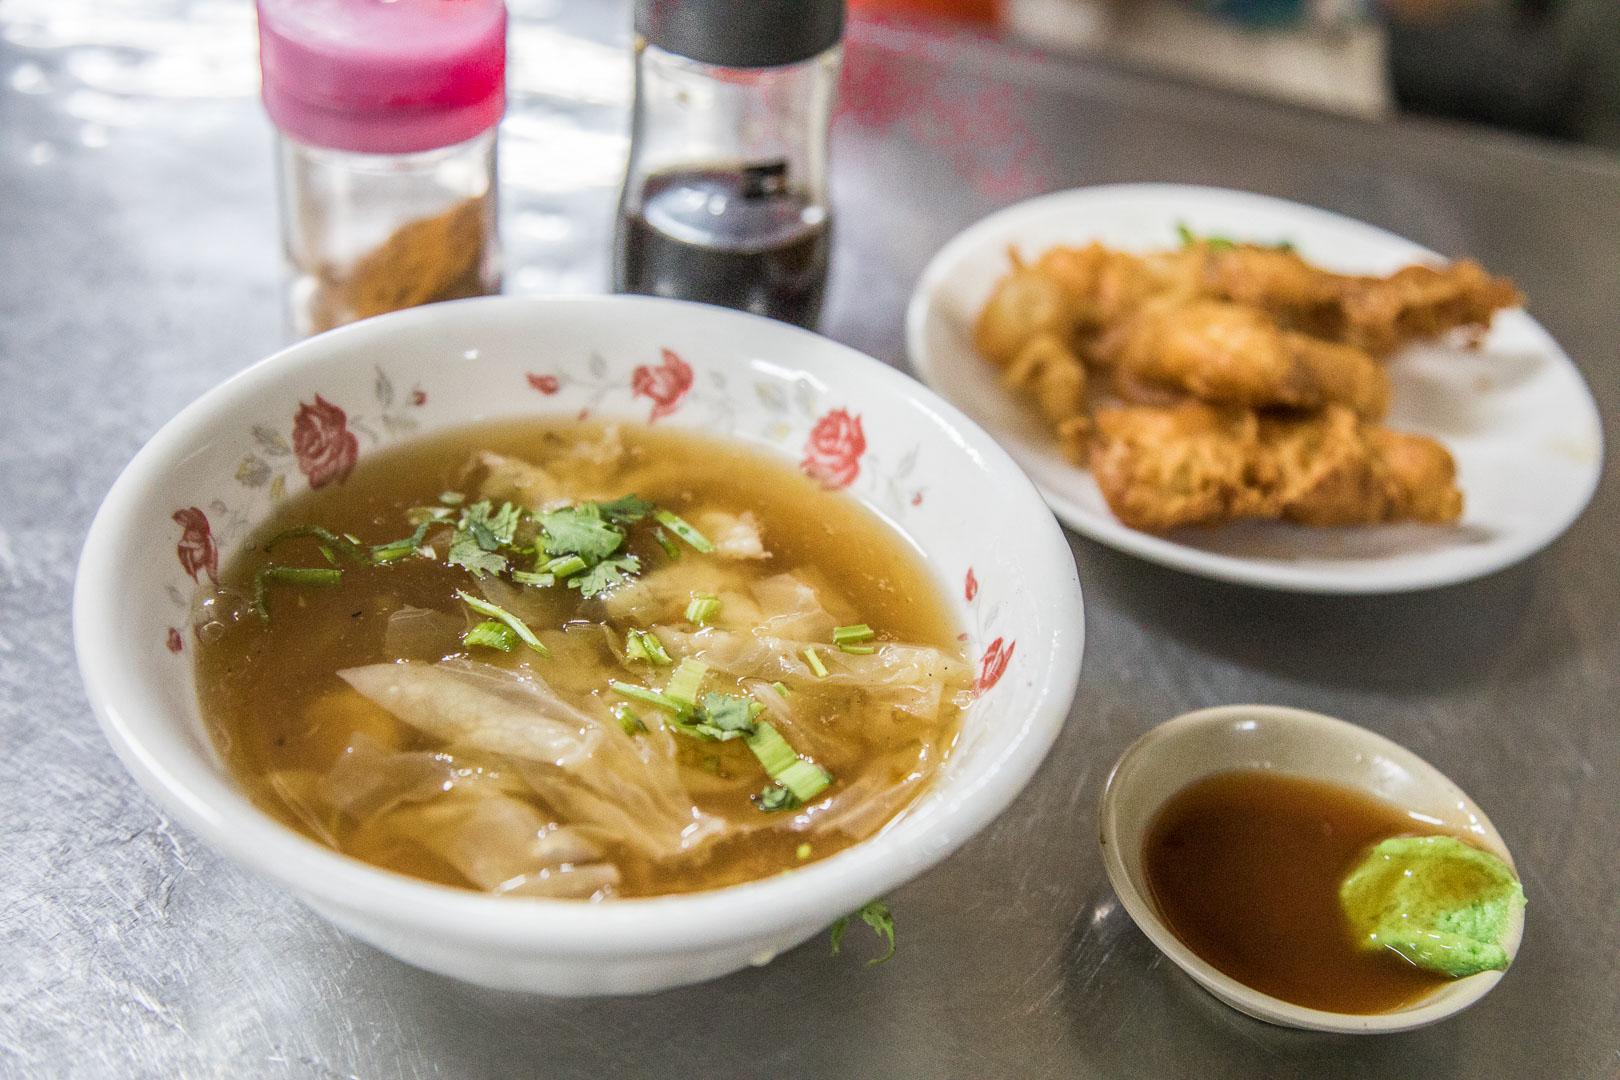 嘉義美食》阿龍土魠魚羮|嘉義文化夜市美食,必吃季節限定土魠魚料理